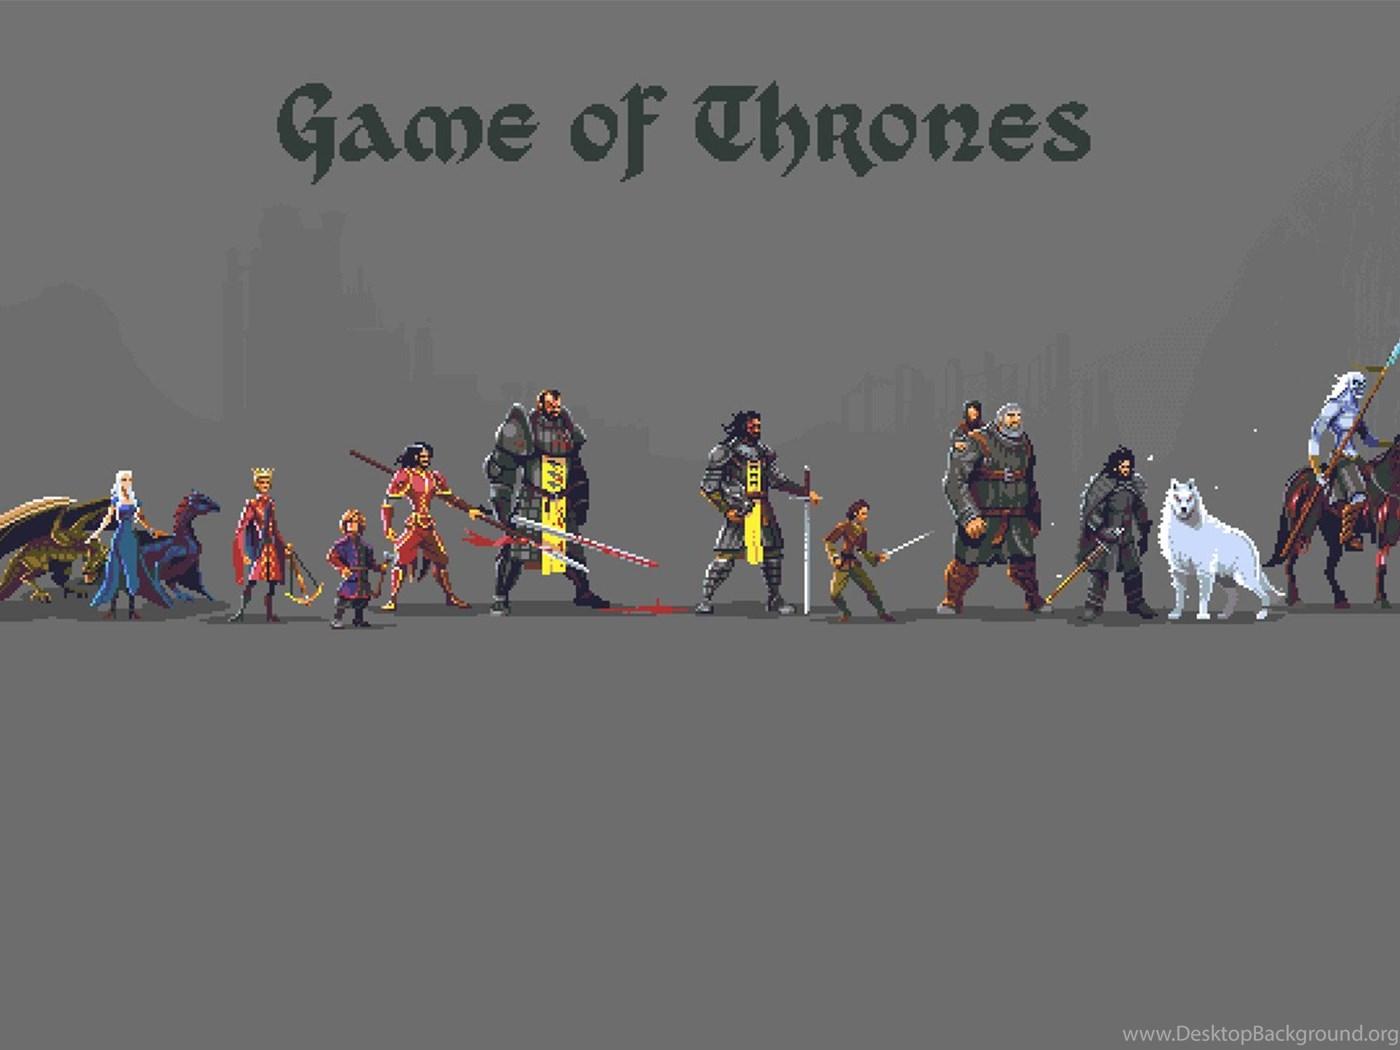 Game Of Thrones Pixel Art 1920x1080 Wallpapers Desktop Background